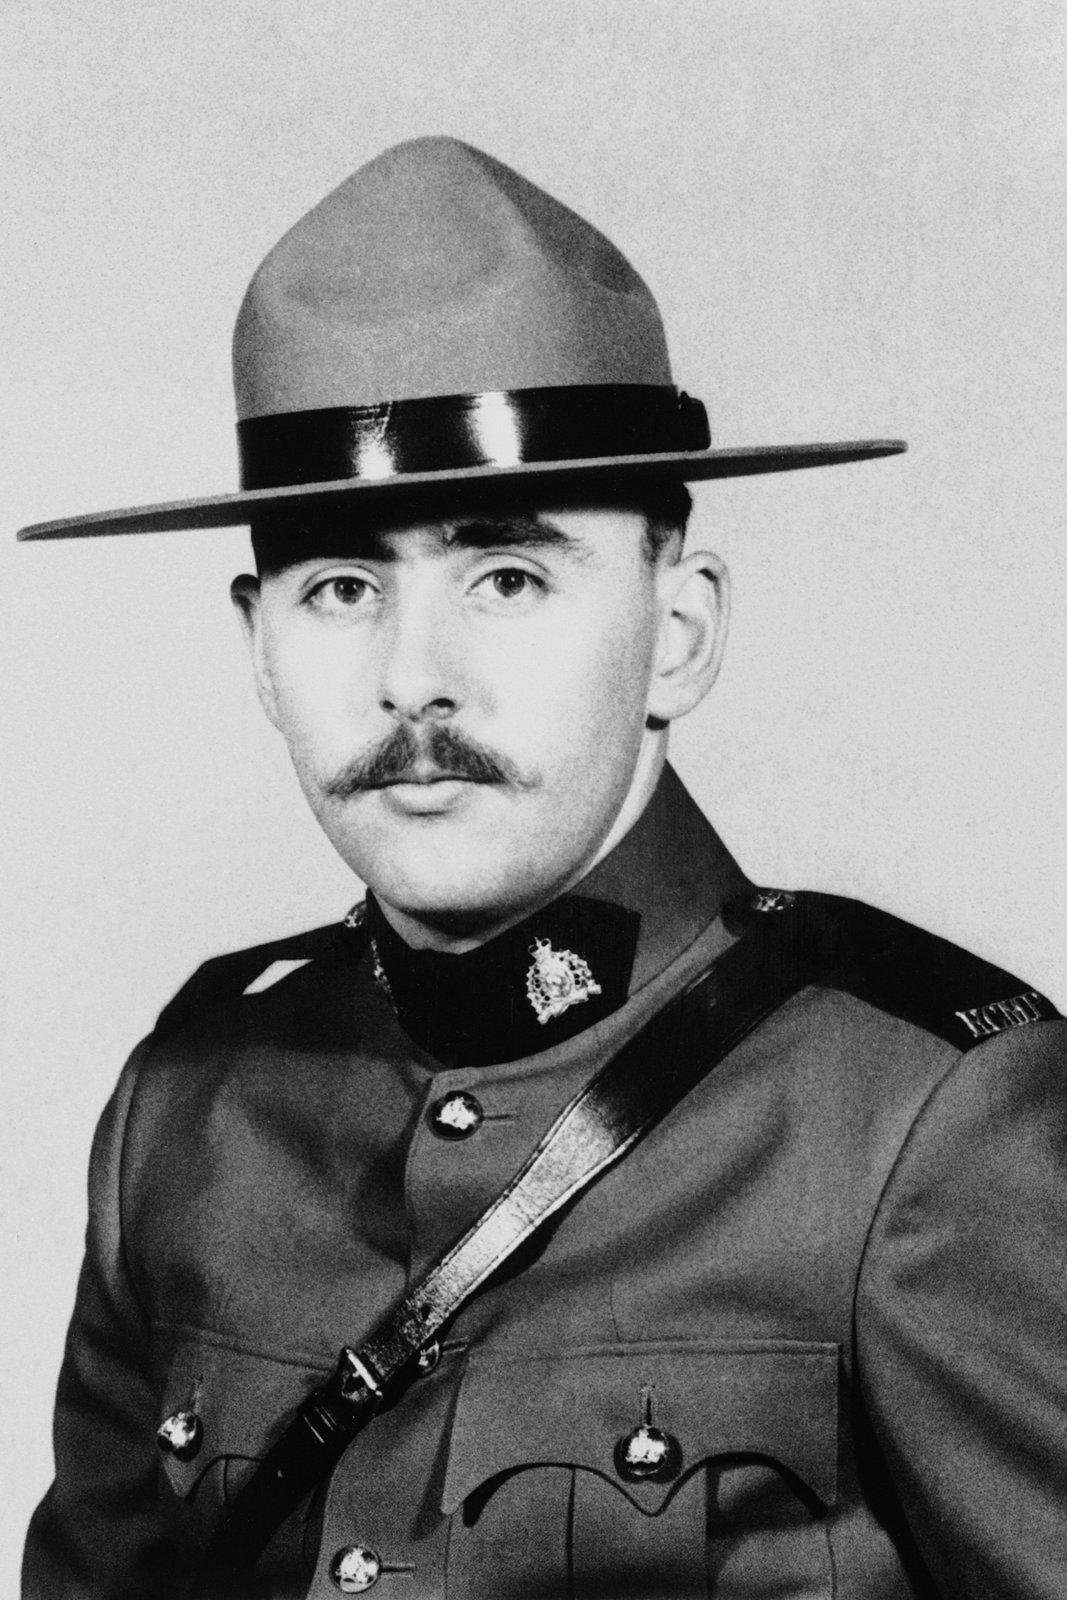 Constable Roger Emile Pierlet